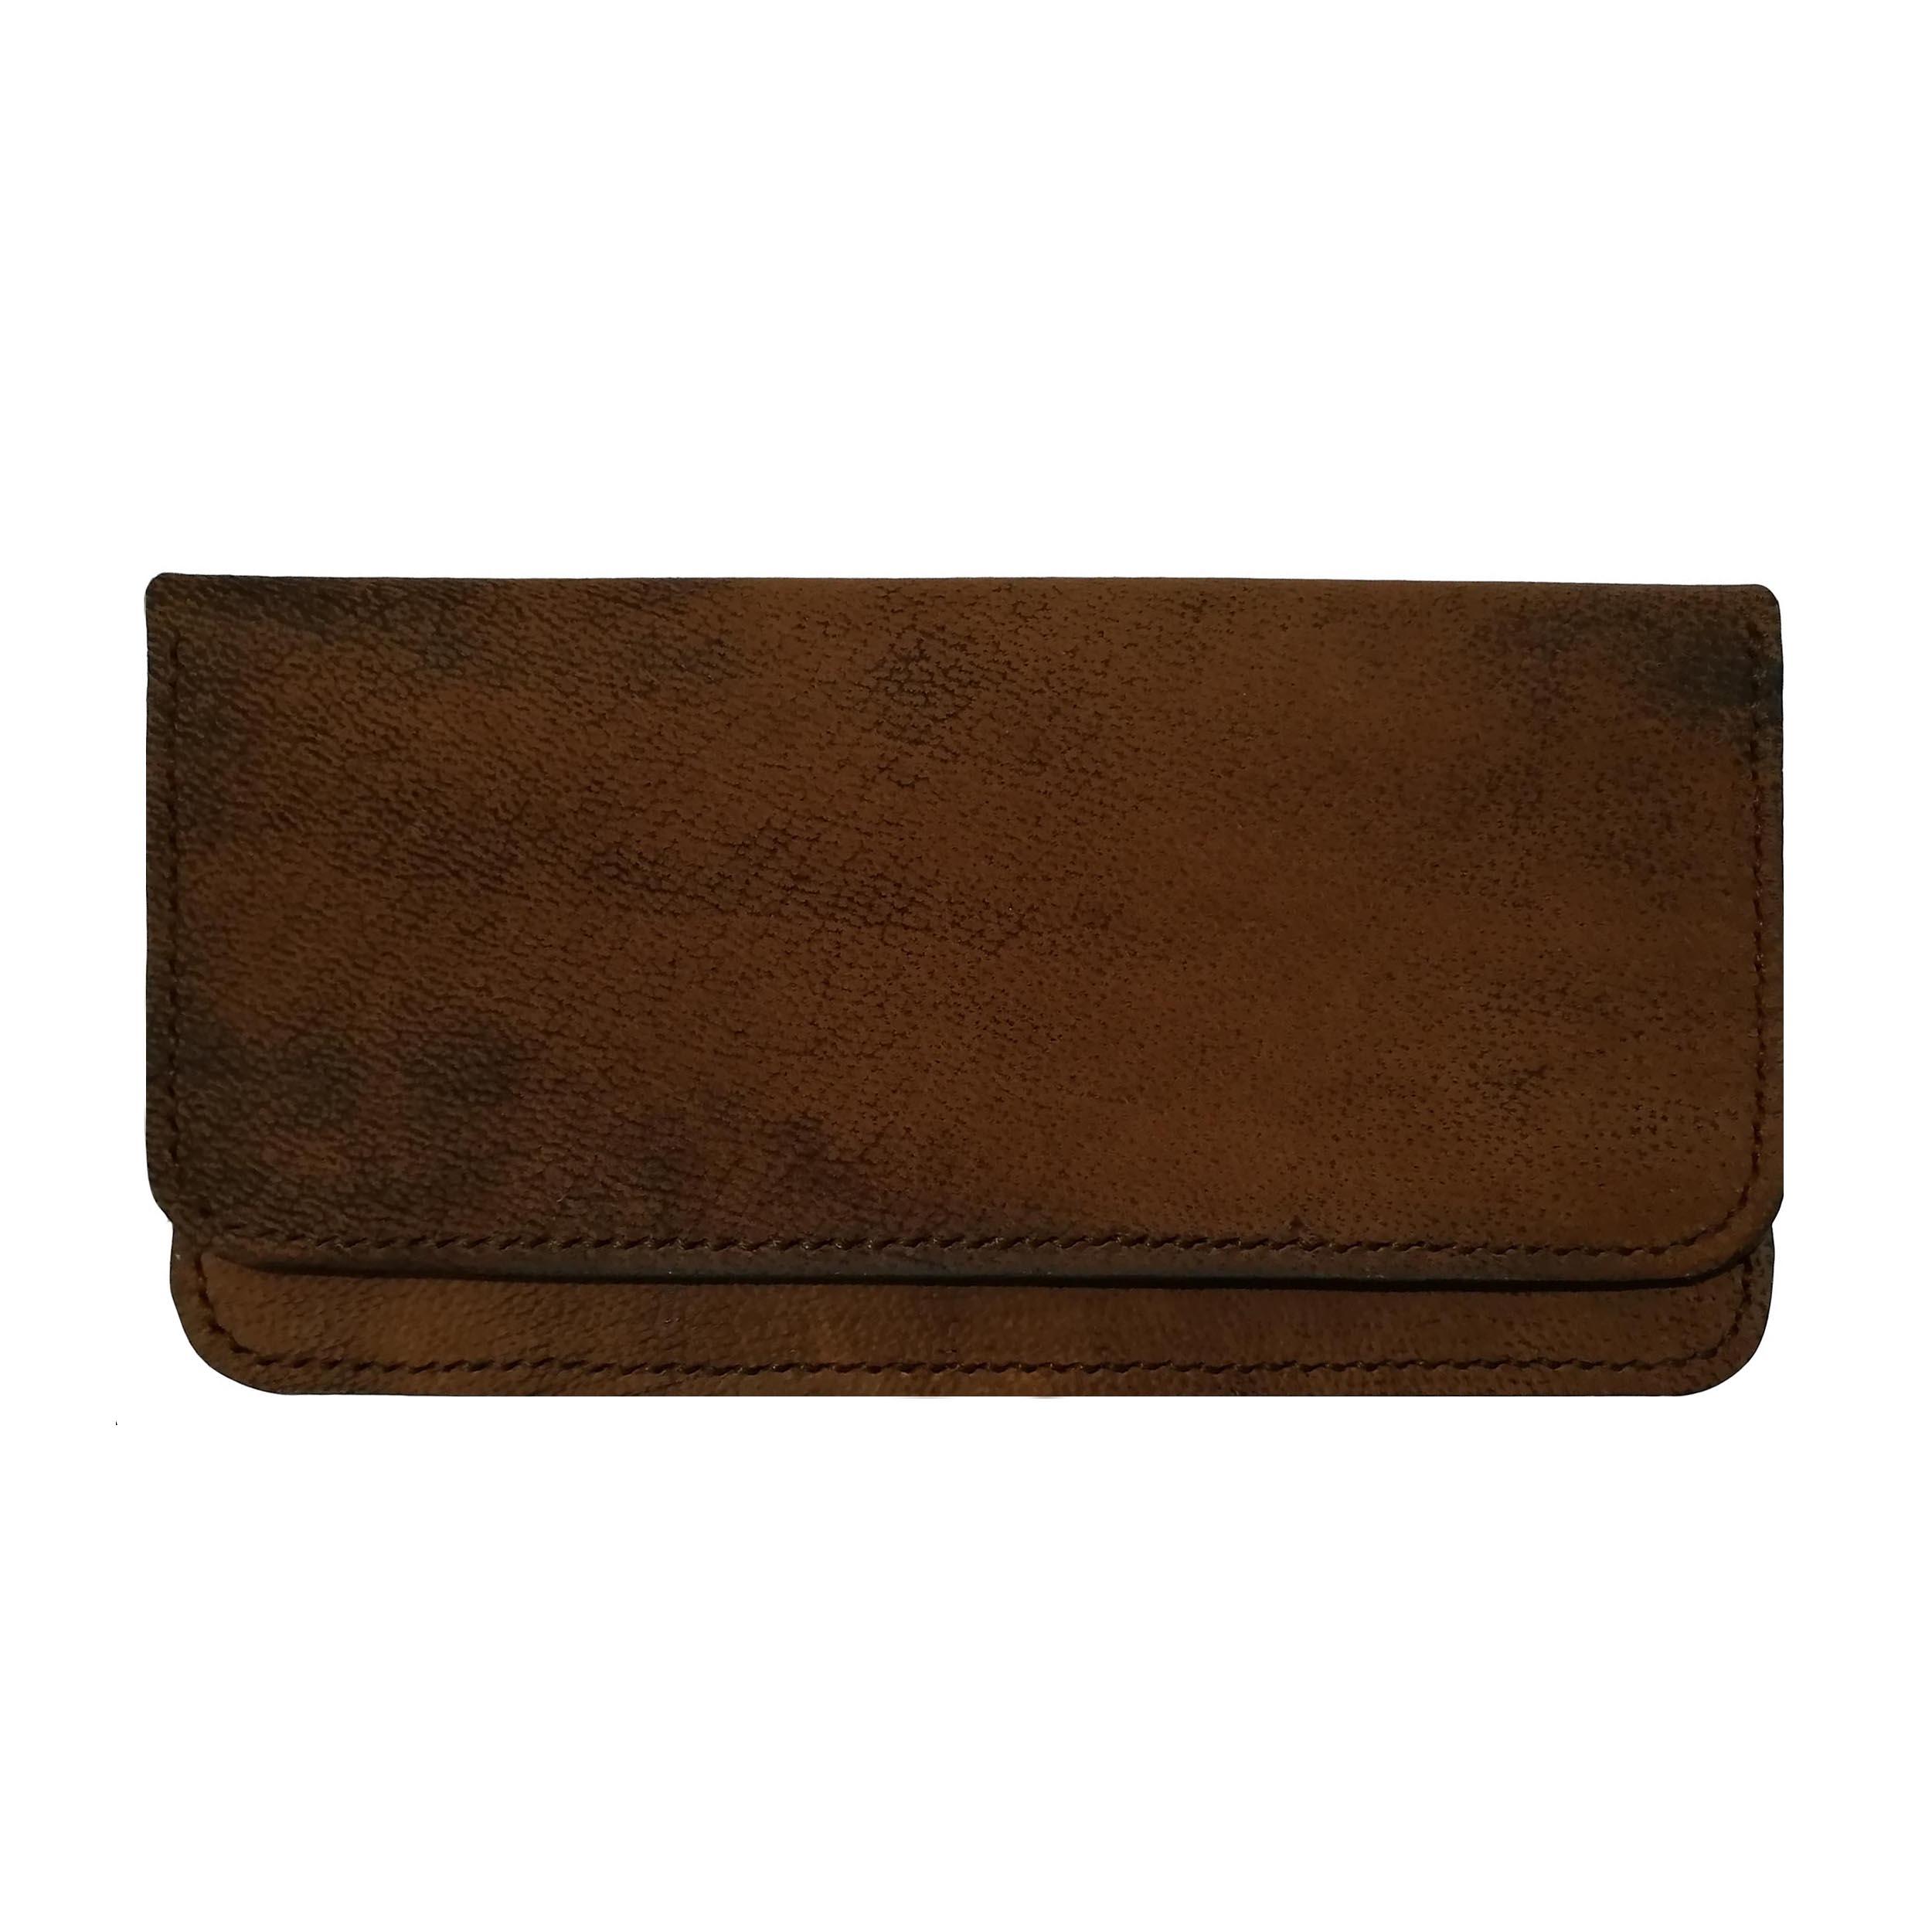 کیف پول چرمی مدل kh0067